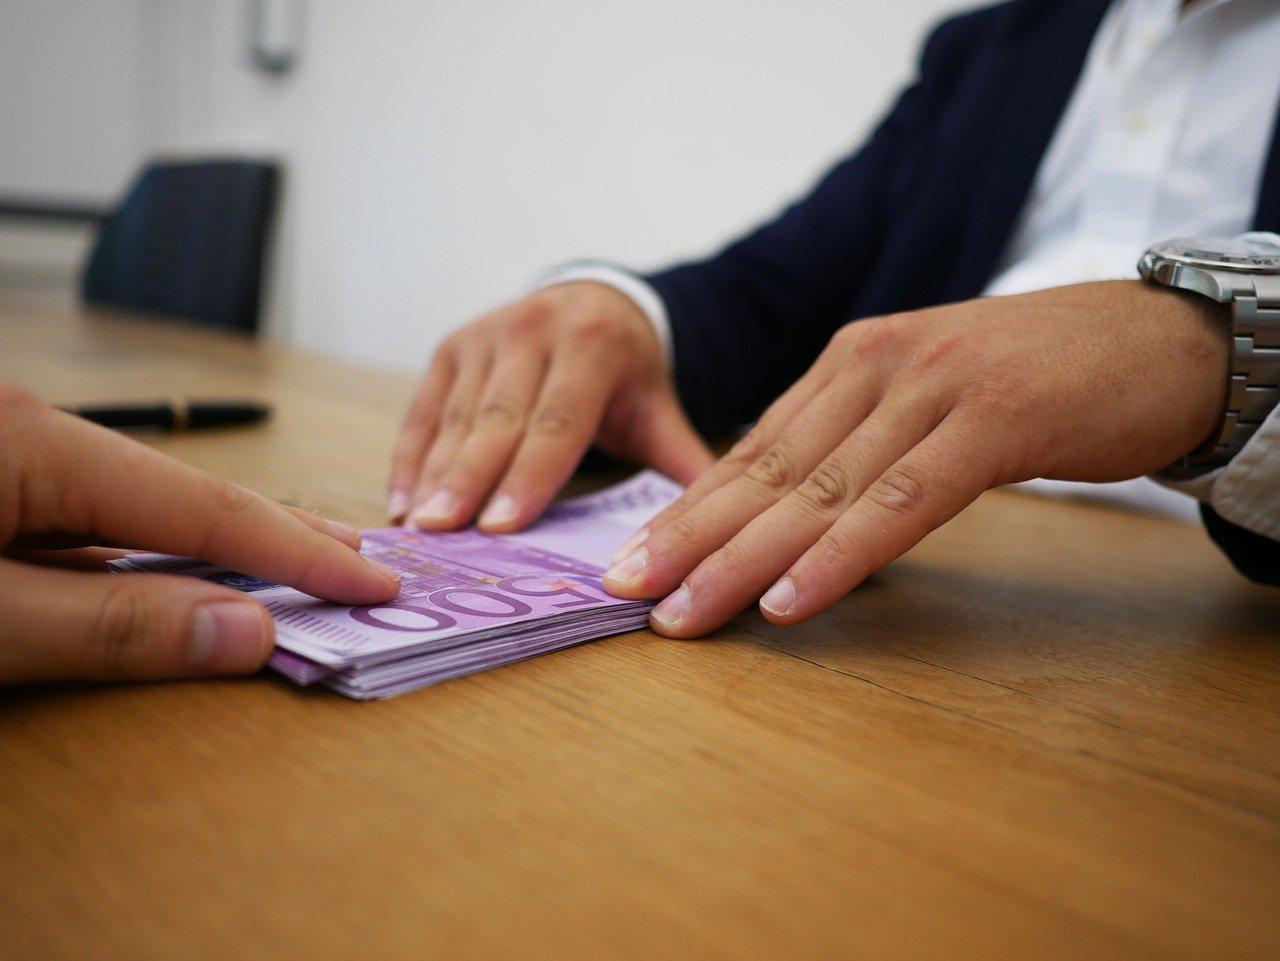 entregando dinero mediante prestamo o contrato de mutuo